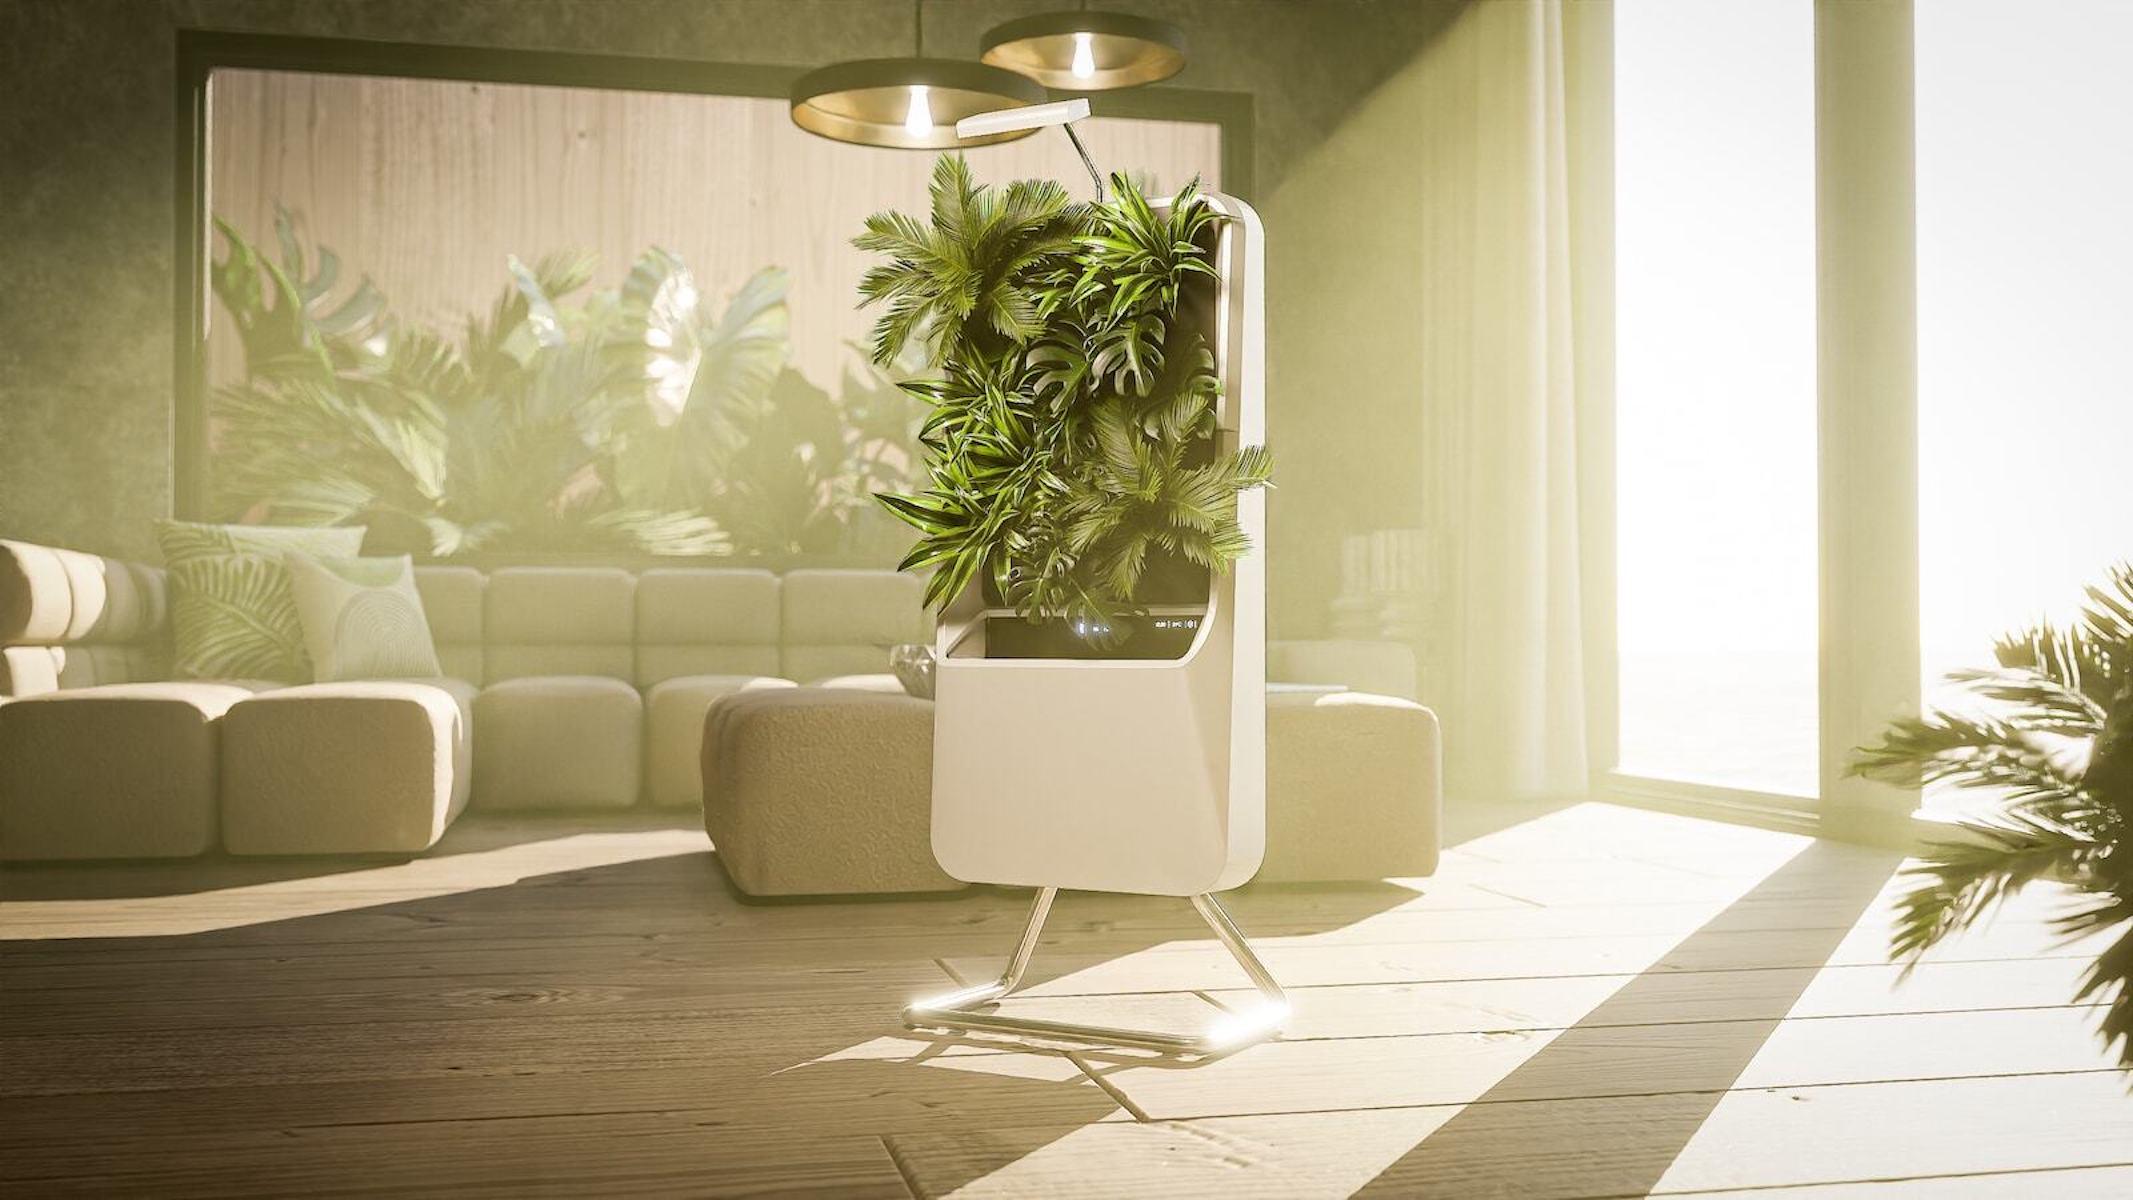 Respira Smart Air-Purifying Garden